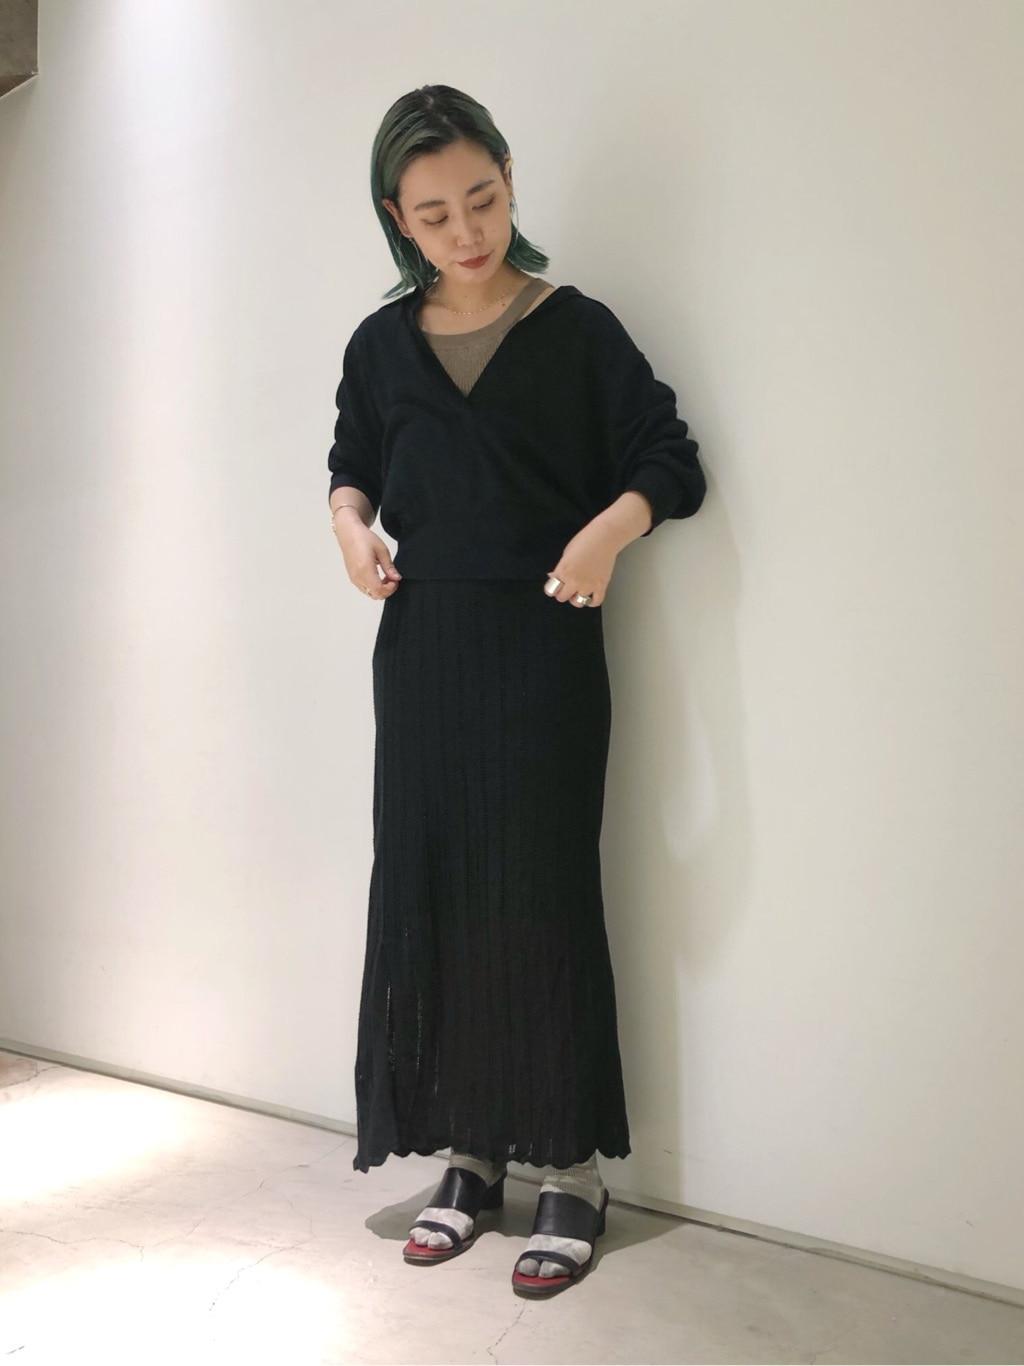 note et silence. 横浜ジョイナス 身長:160cm 2021.05.12